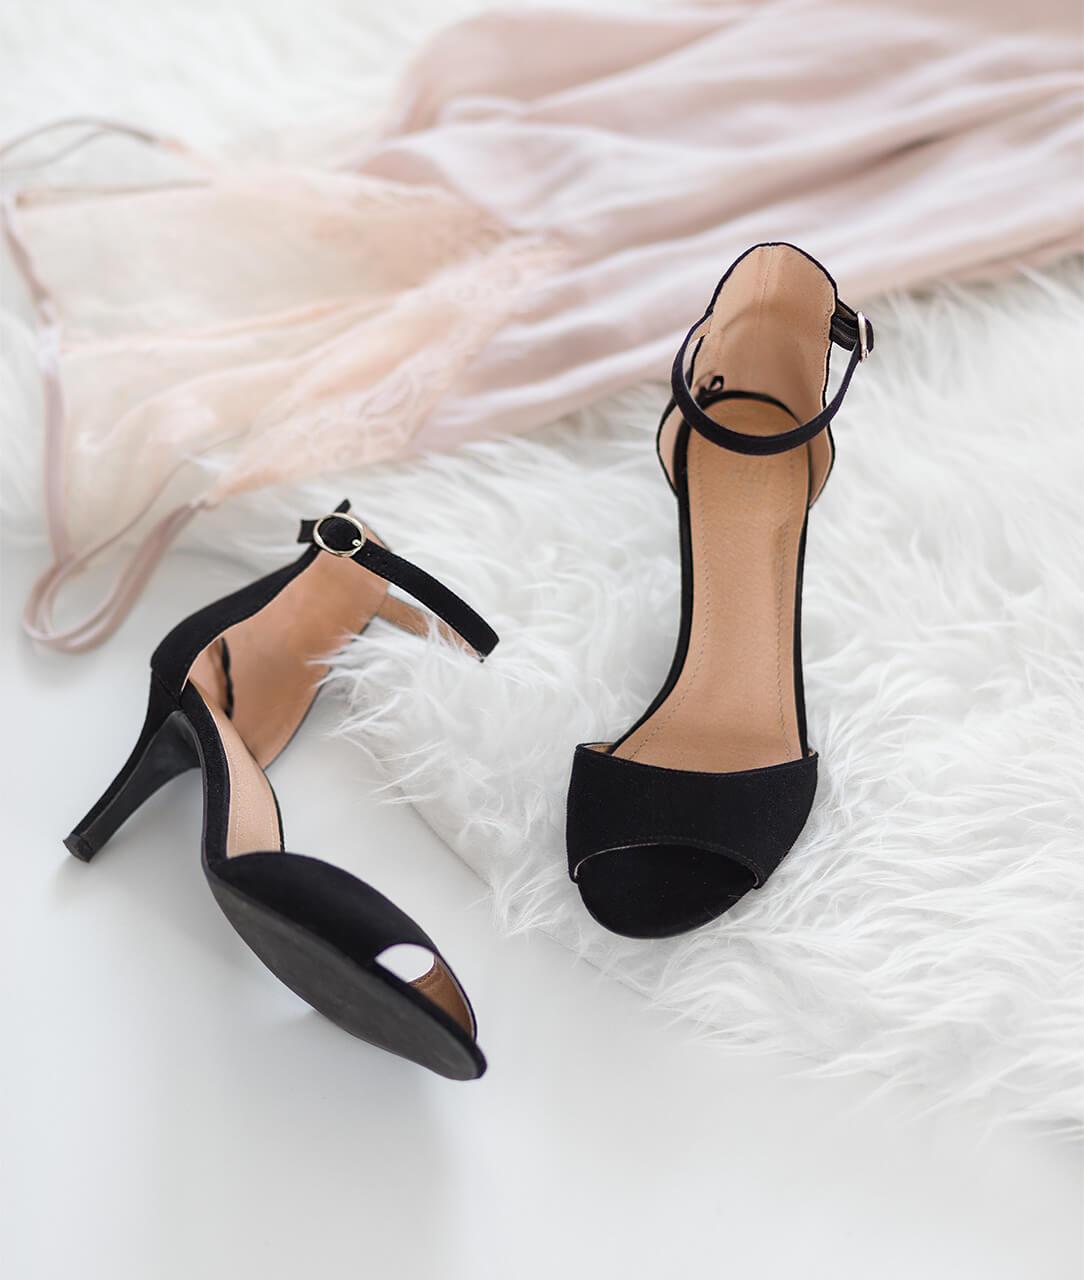 Schuh Must-Haves, Diese Schuhe sollte jede Frau im Schrank haben, Shoelove by Deichmann